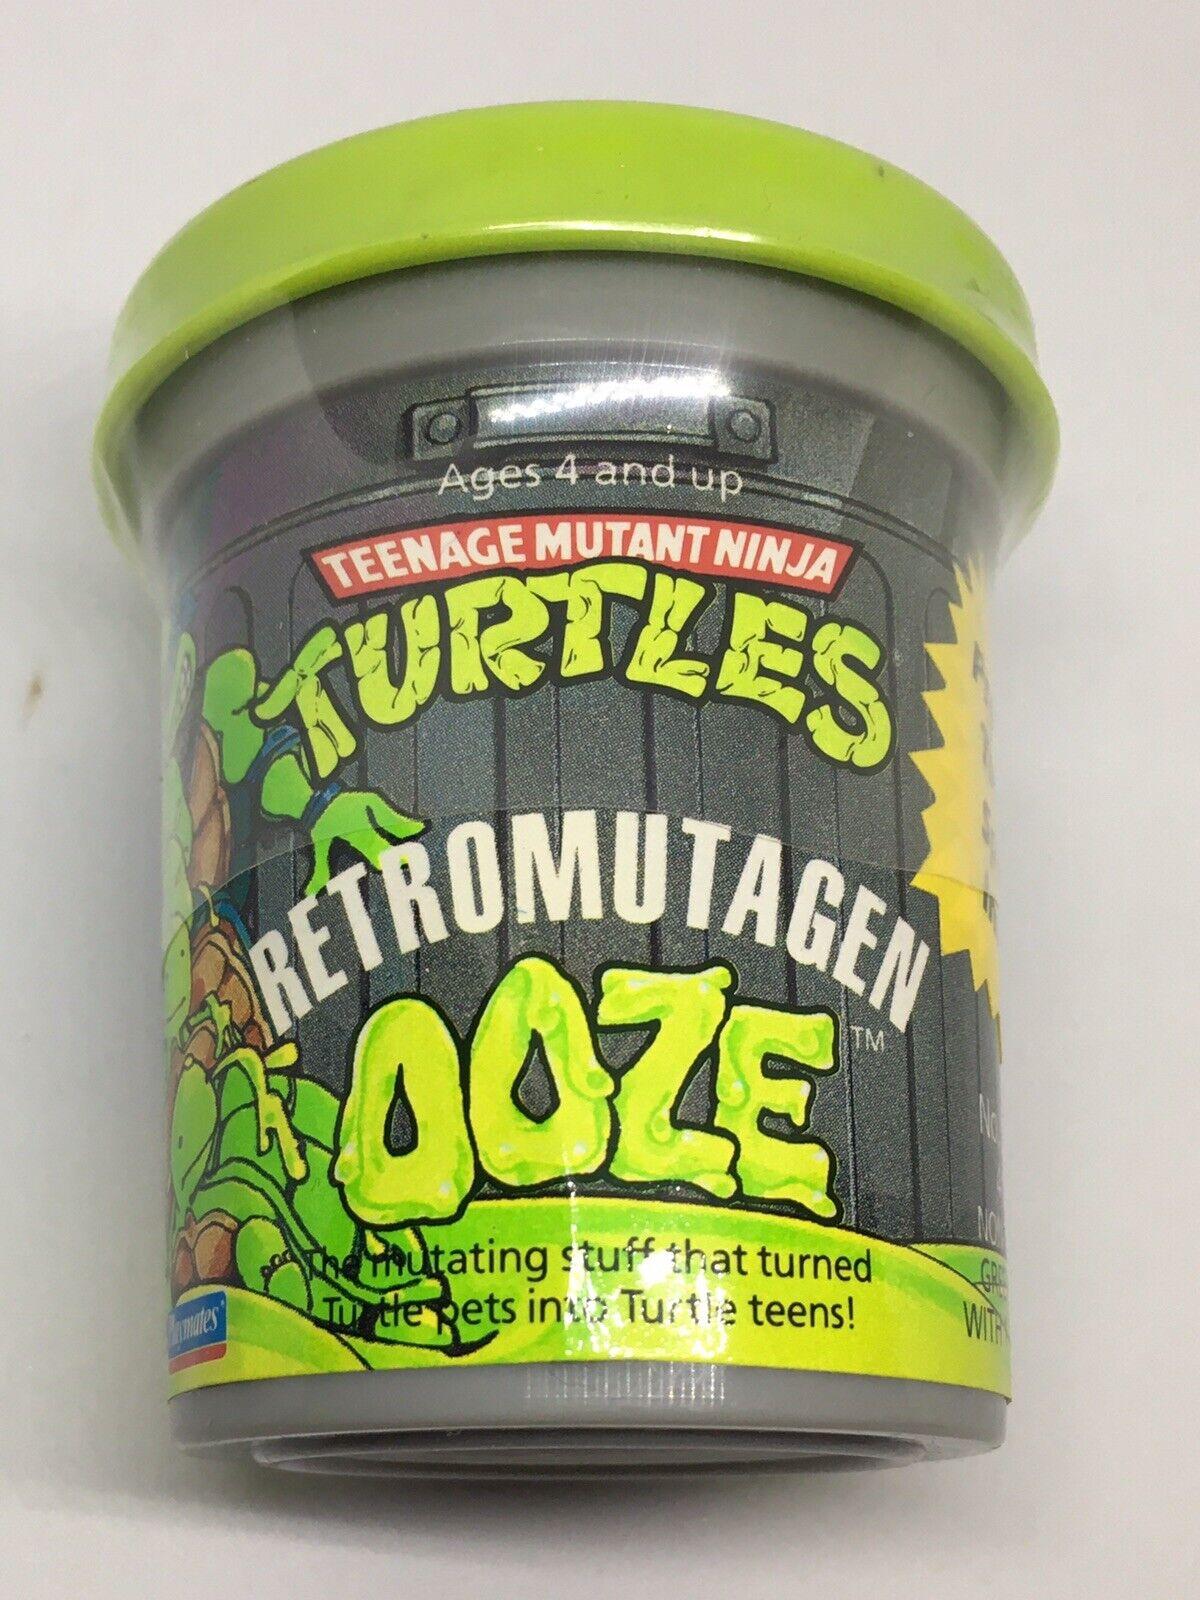 TMNT Teenage Mutant Ninja Turtles Retromutagen Ooze NEW Sealed